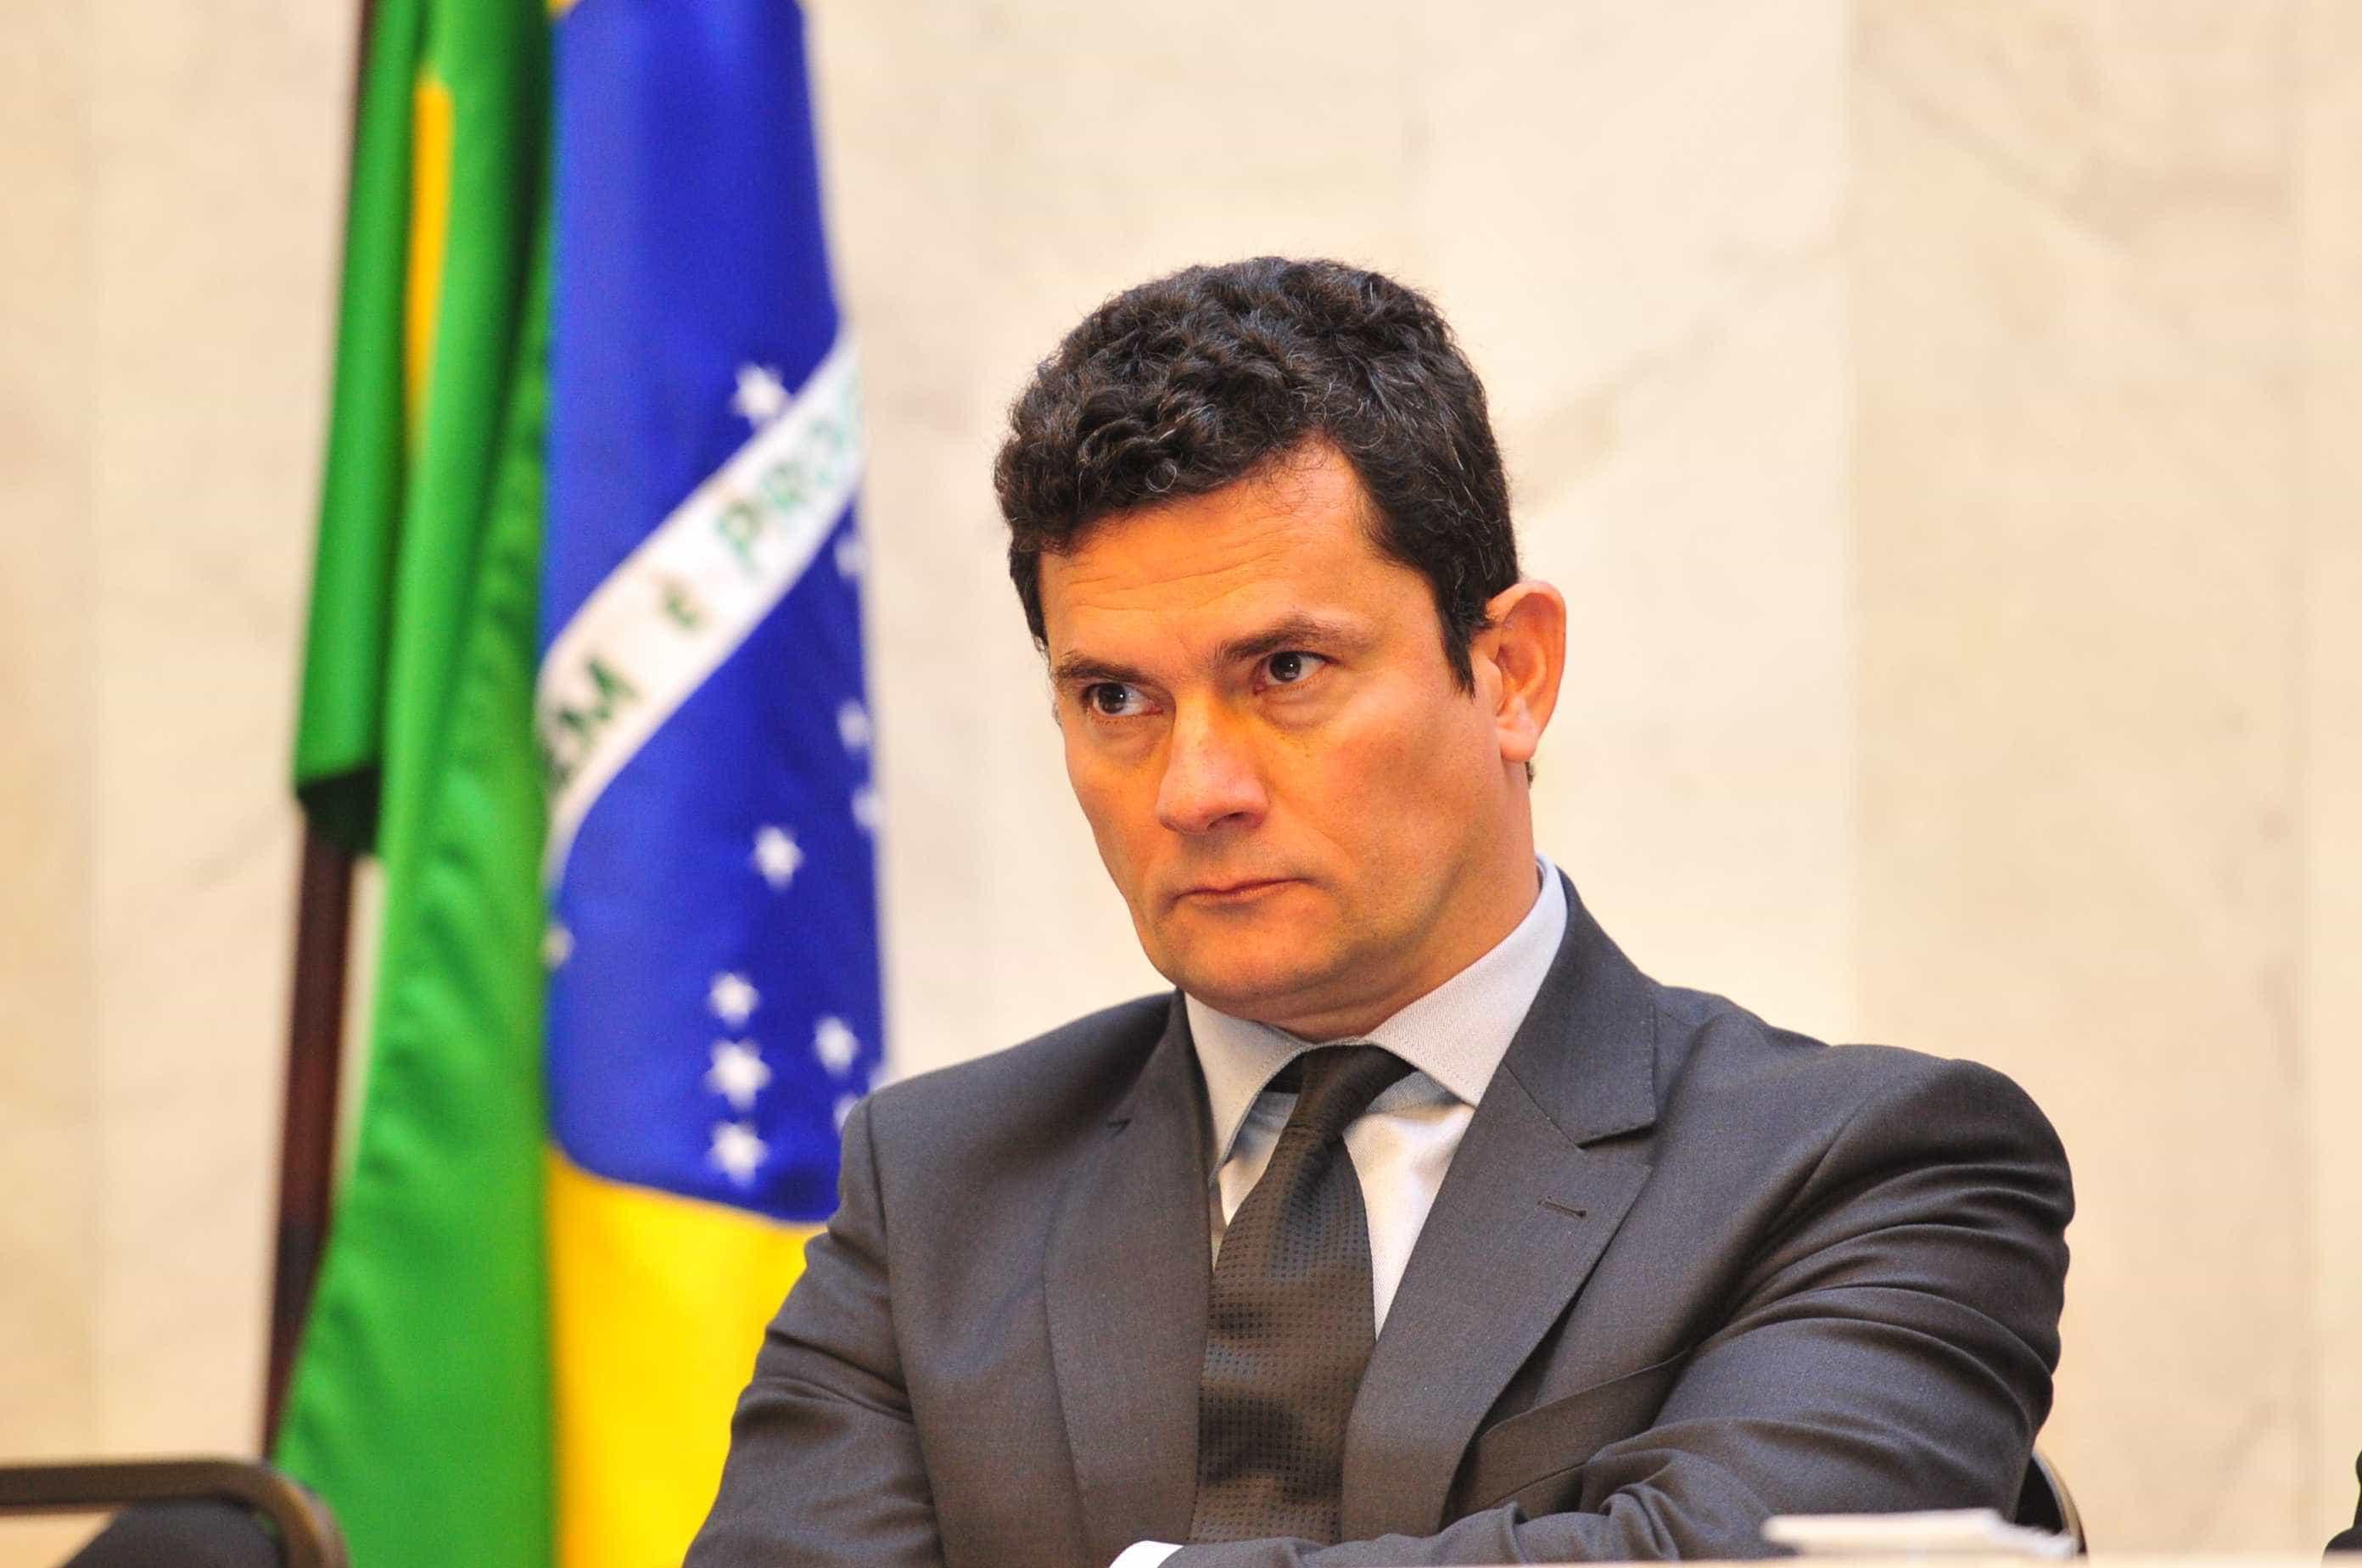 Advogado pede prisão de Moro por 'desobediência à ordem judicial'